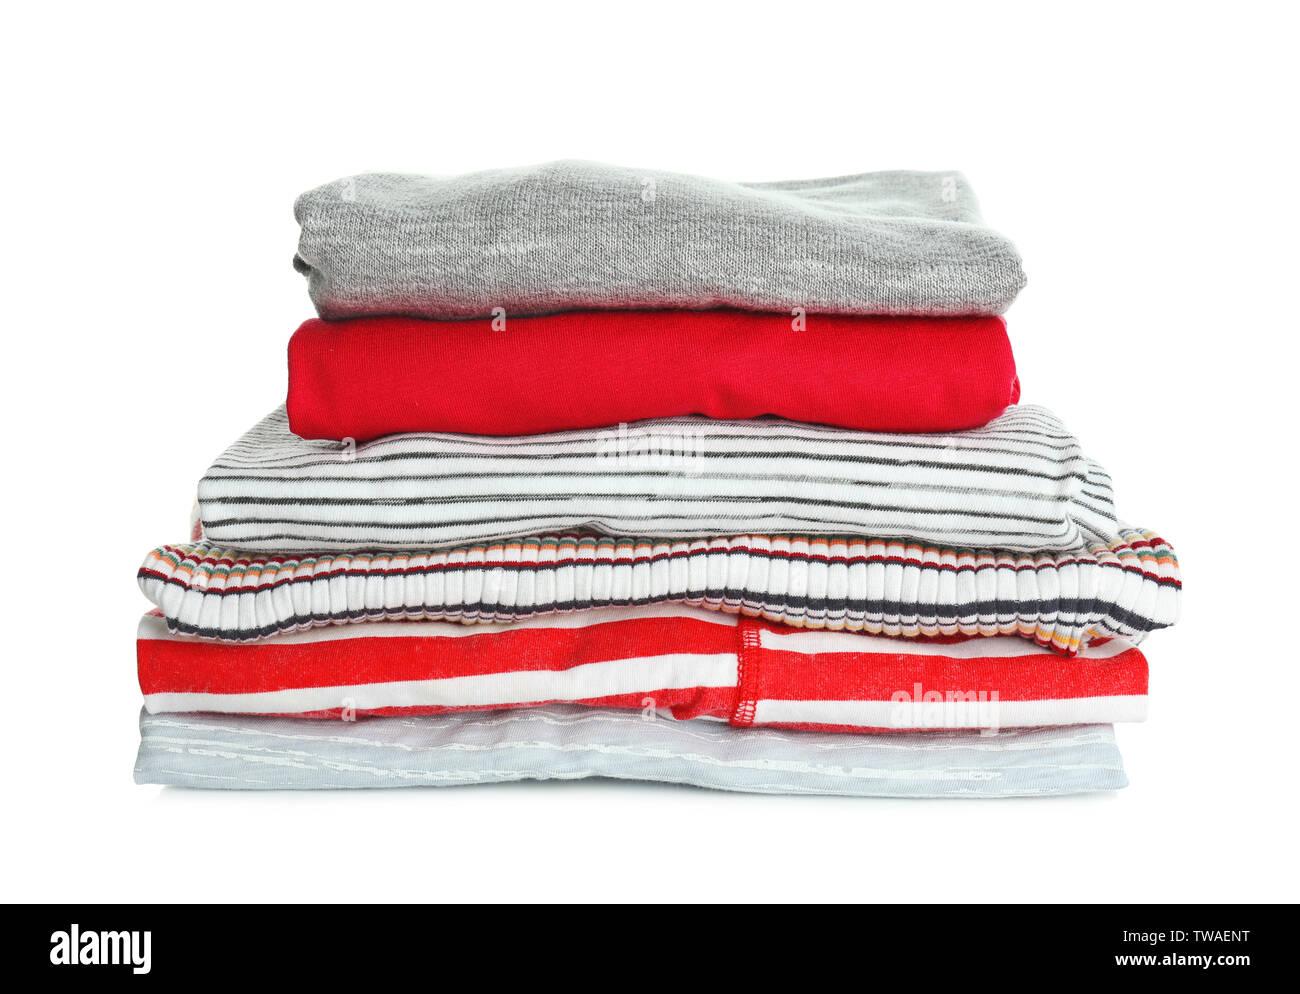 Pila de ropa sobre fondo blanco. Día de lavandería Foto